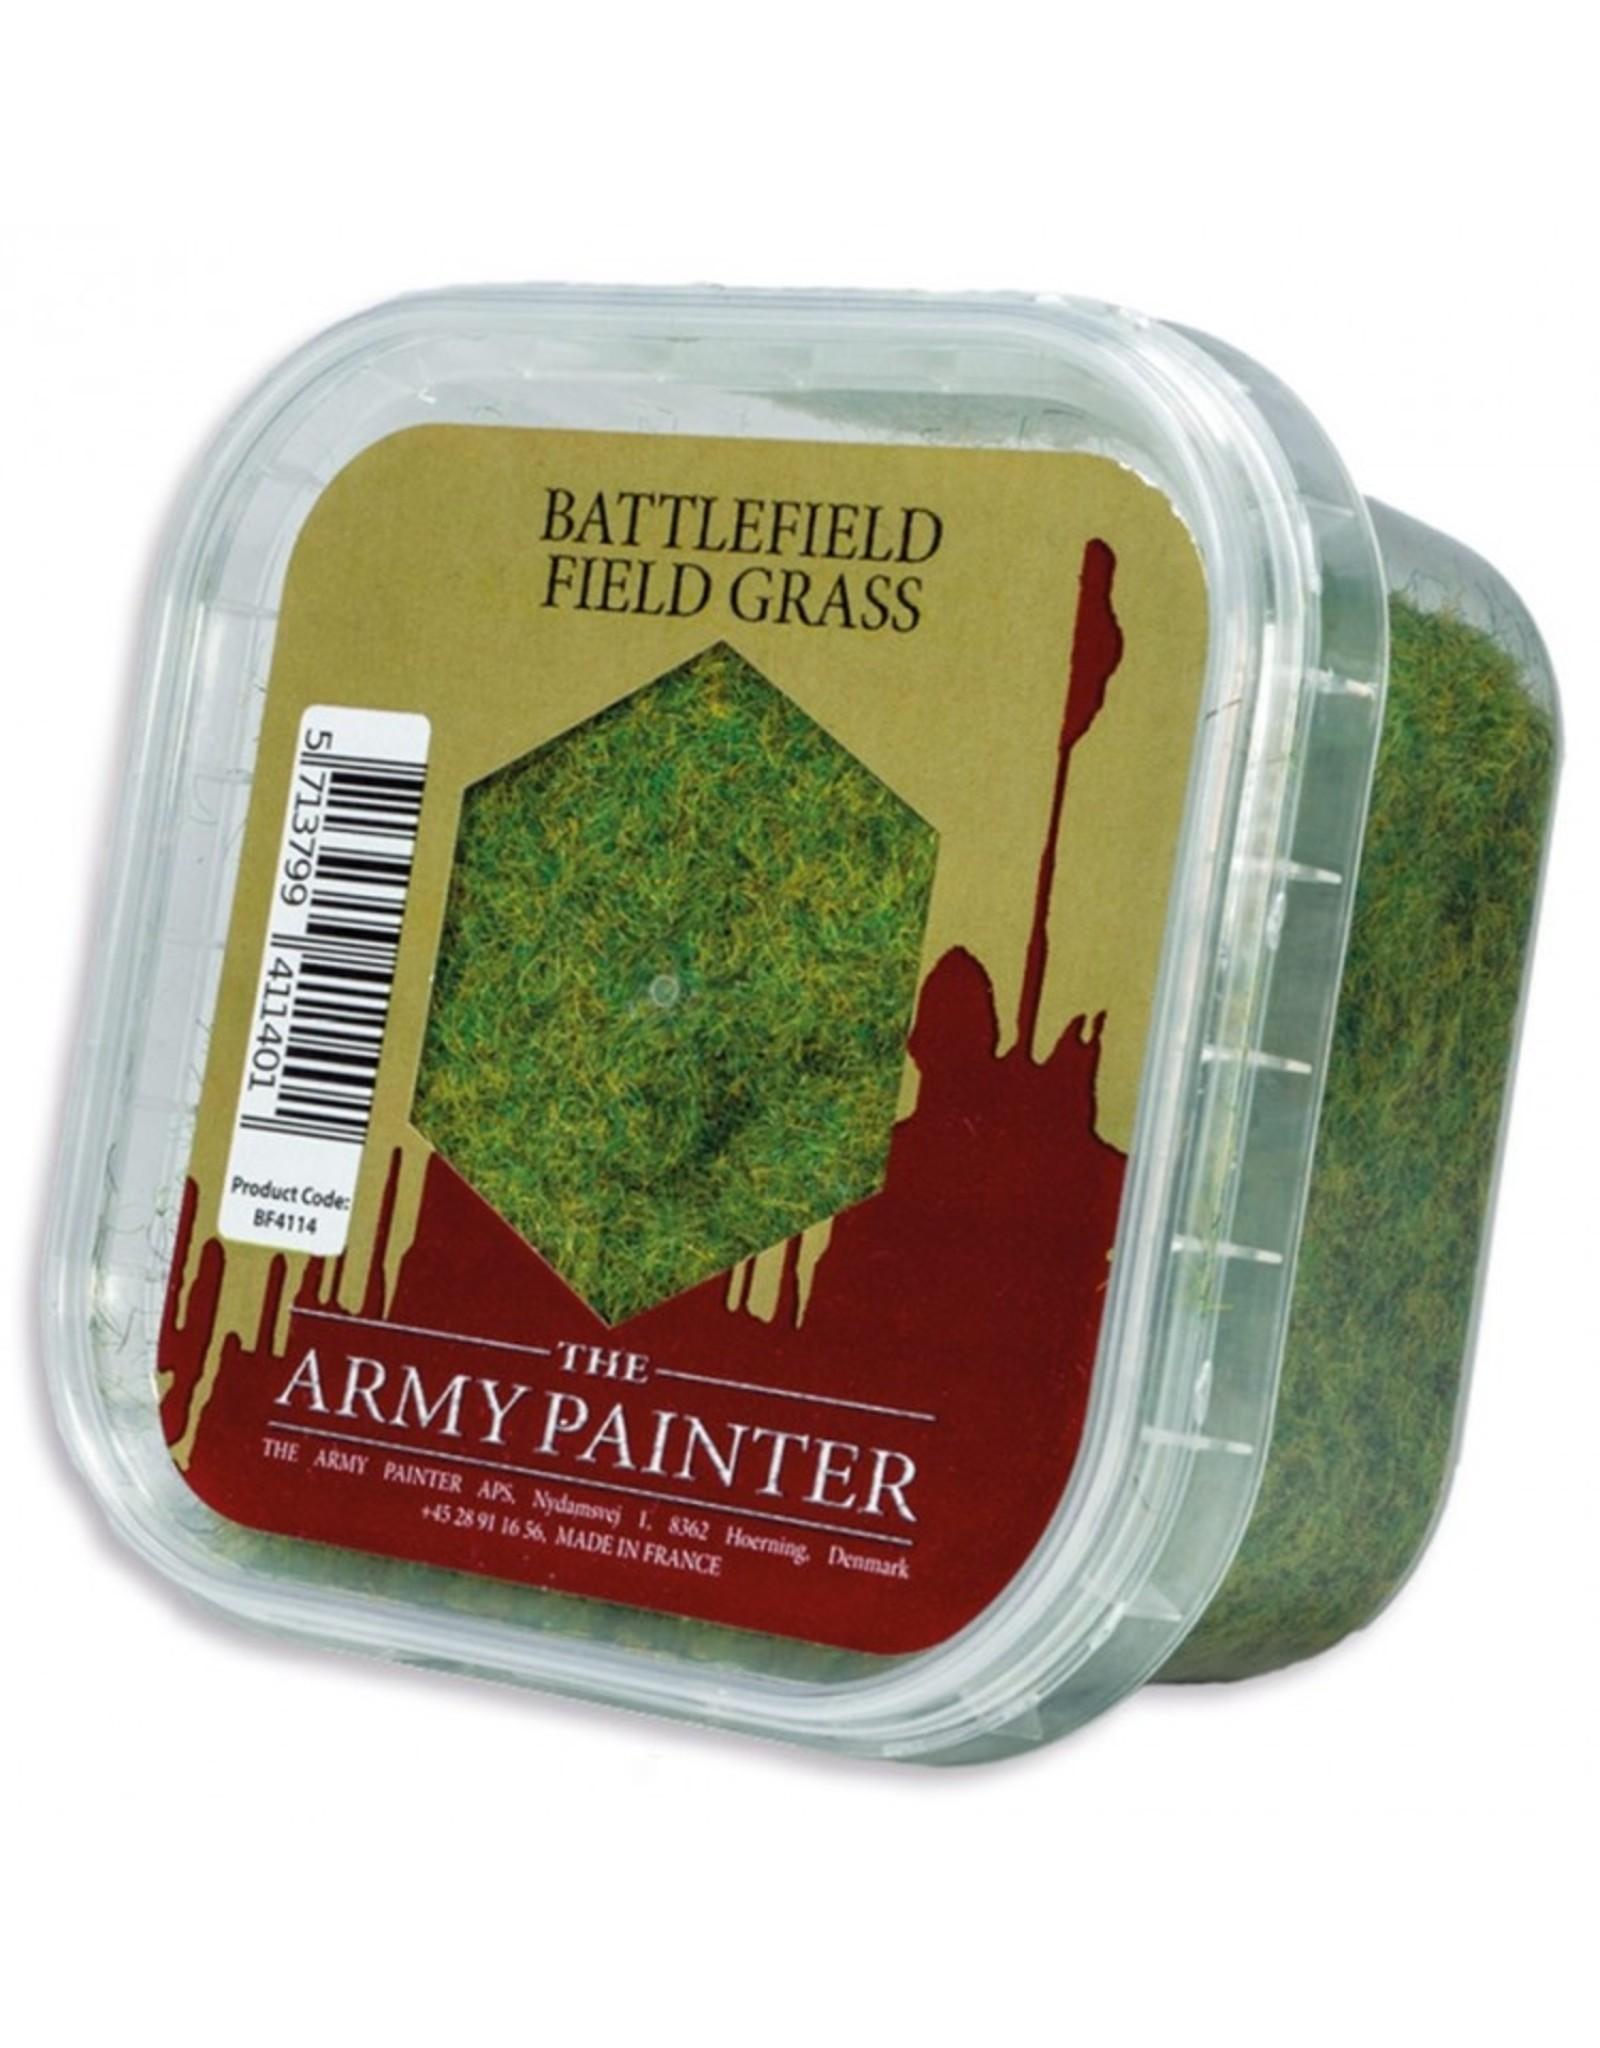 Army Painter Battlefield Field Grass Basing